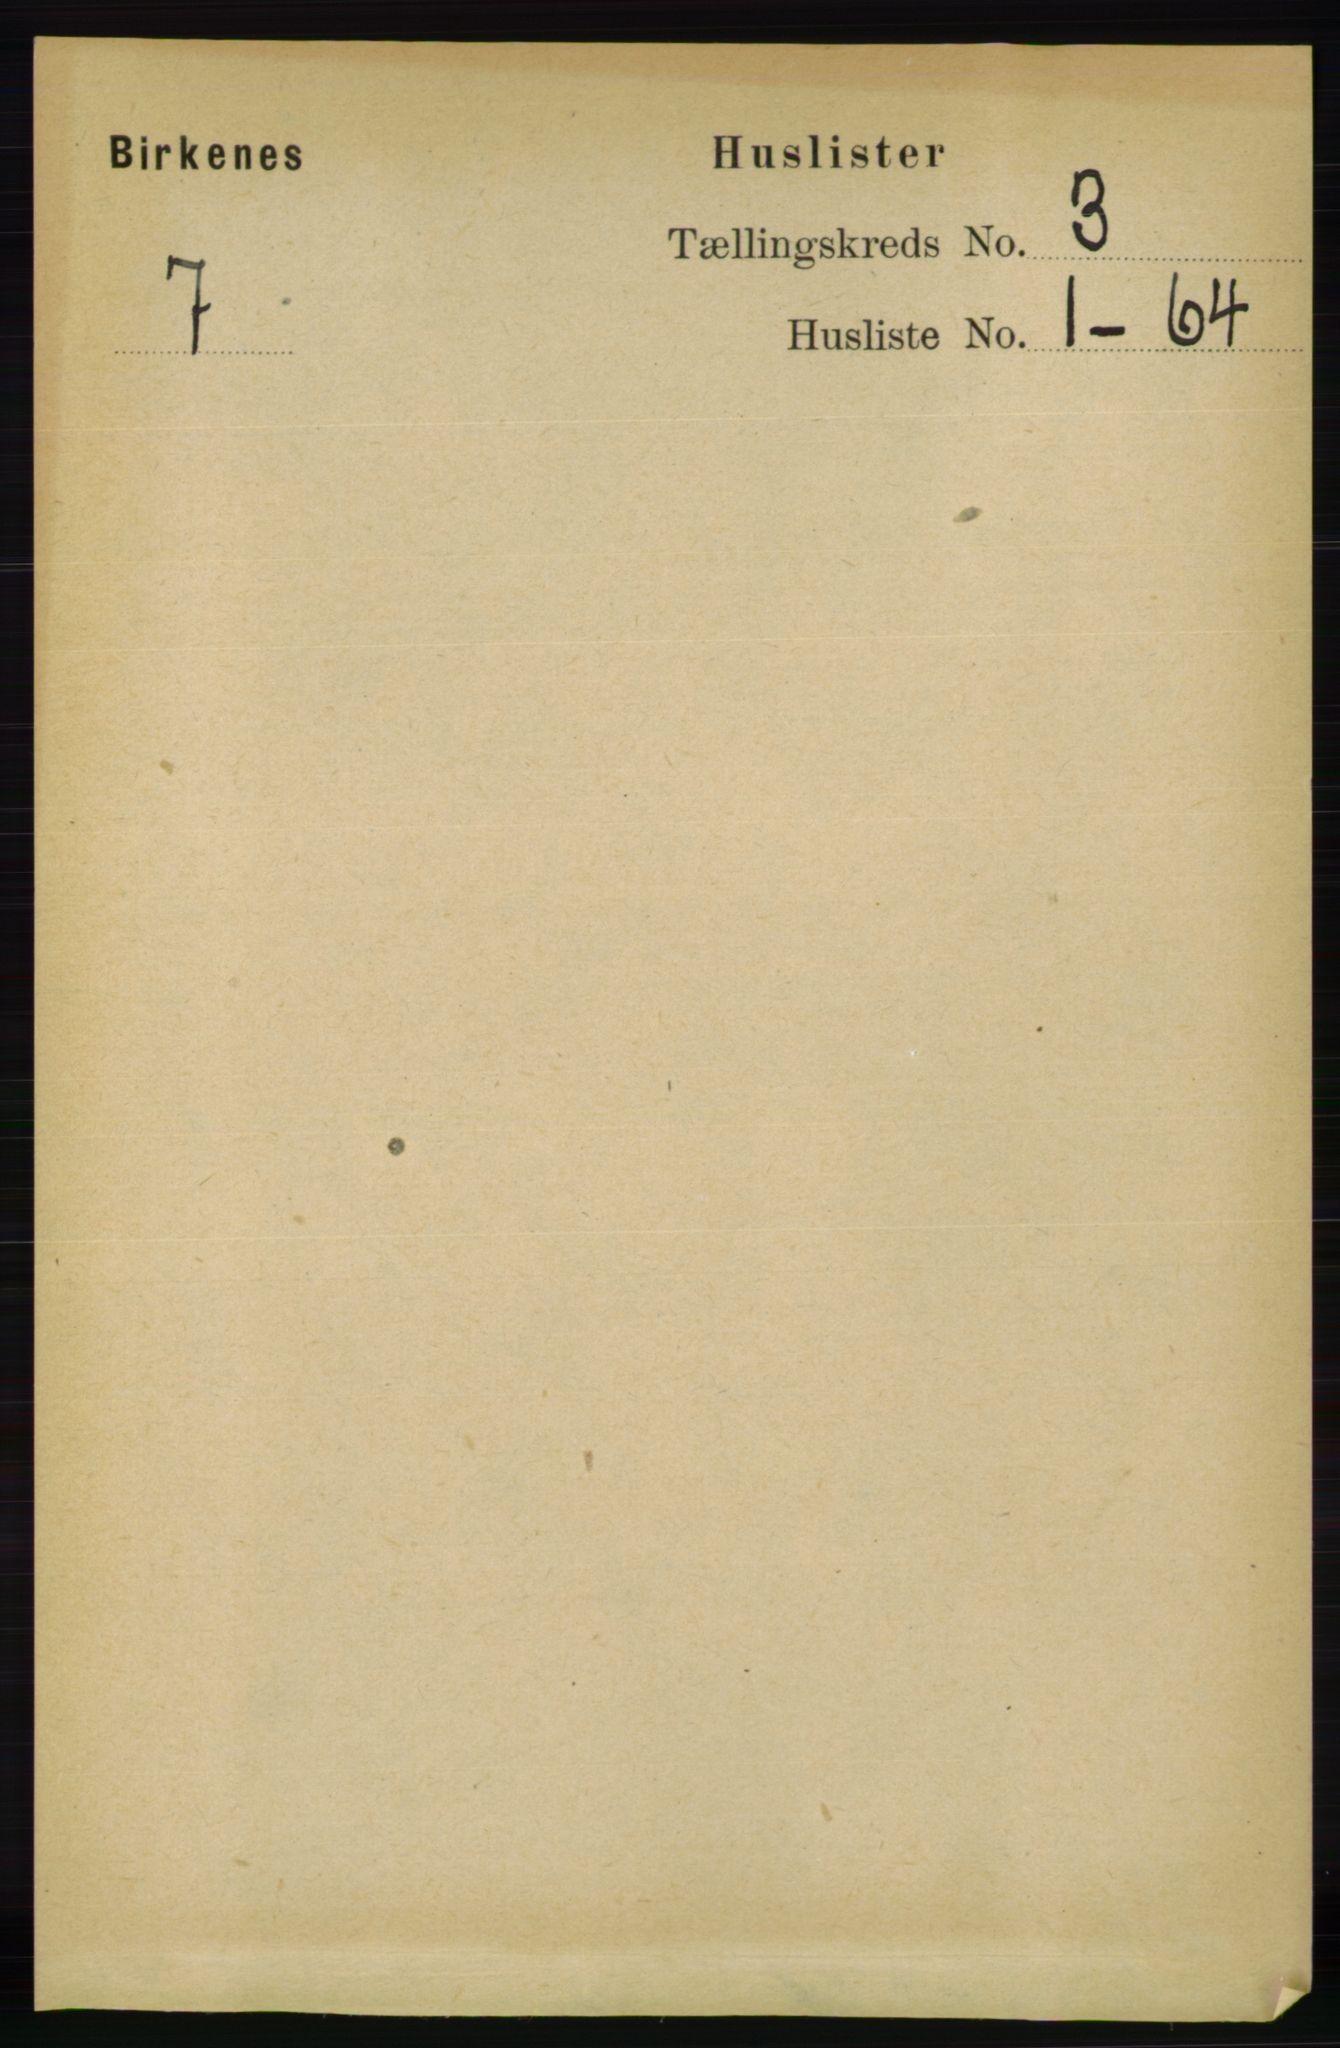 RA, Folketelling 1891 for 0928 Birkenes herred, 1891, s. 780